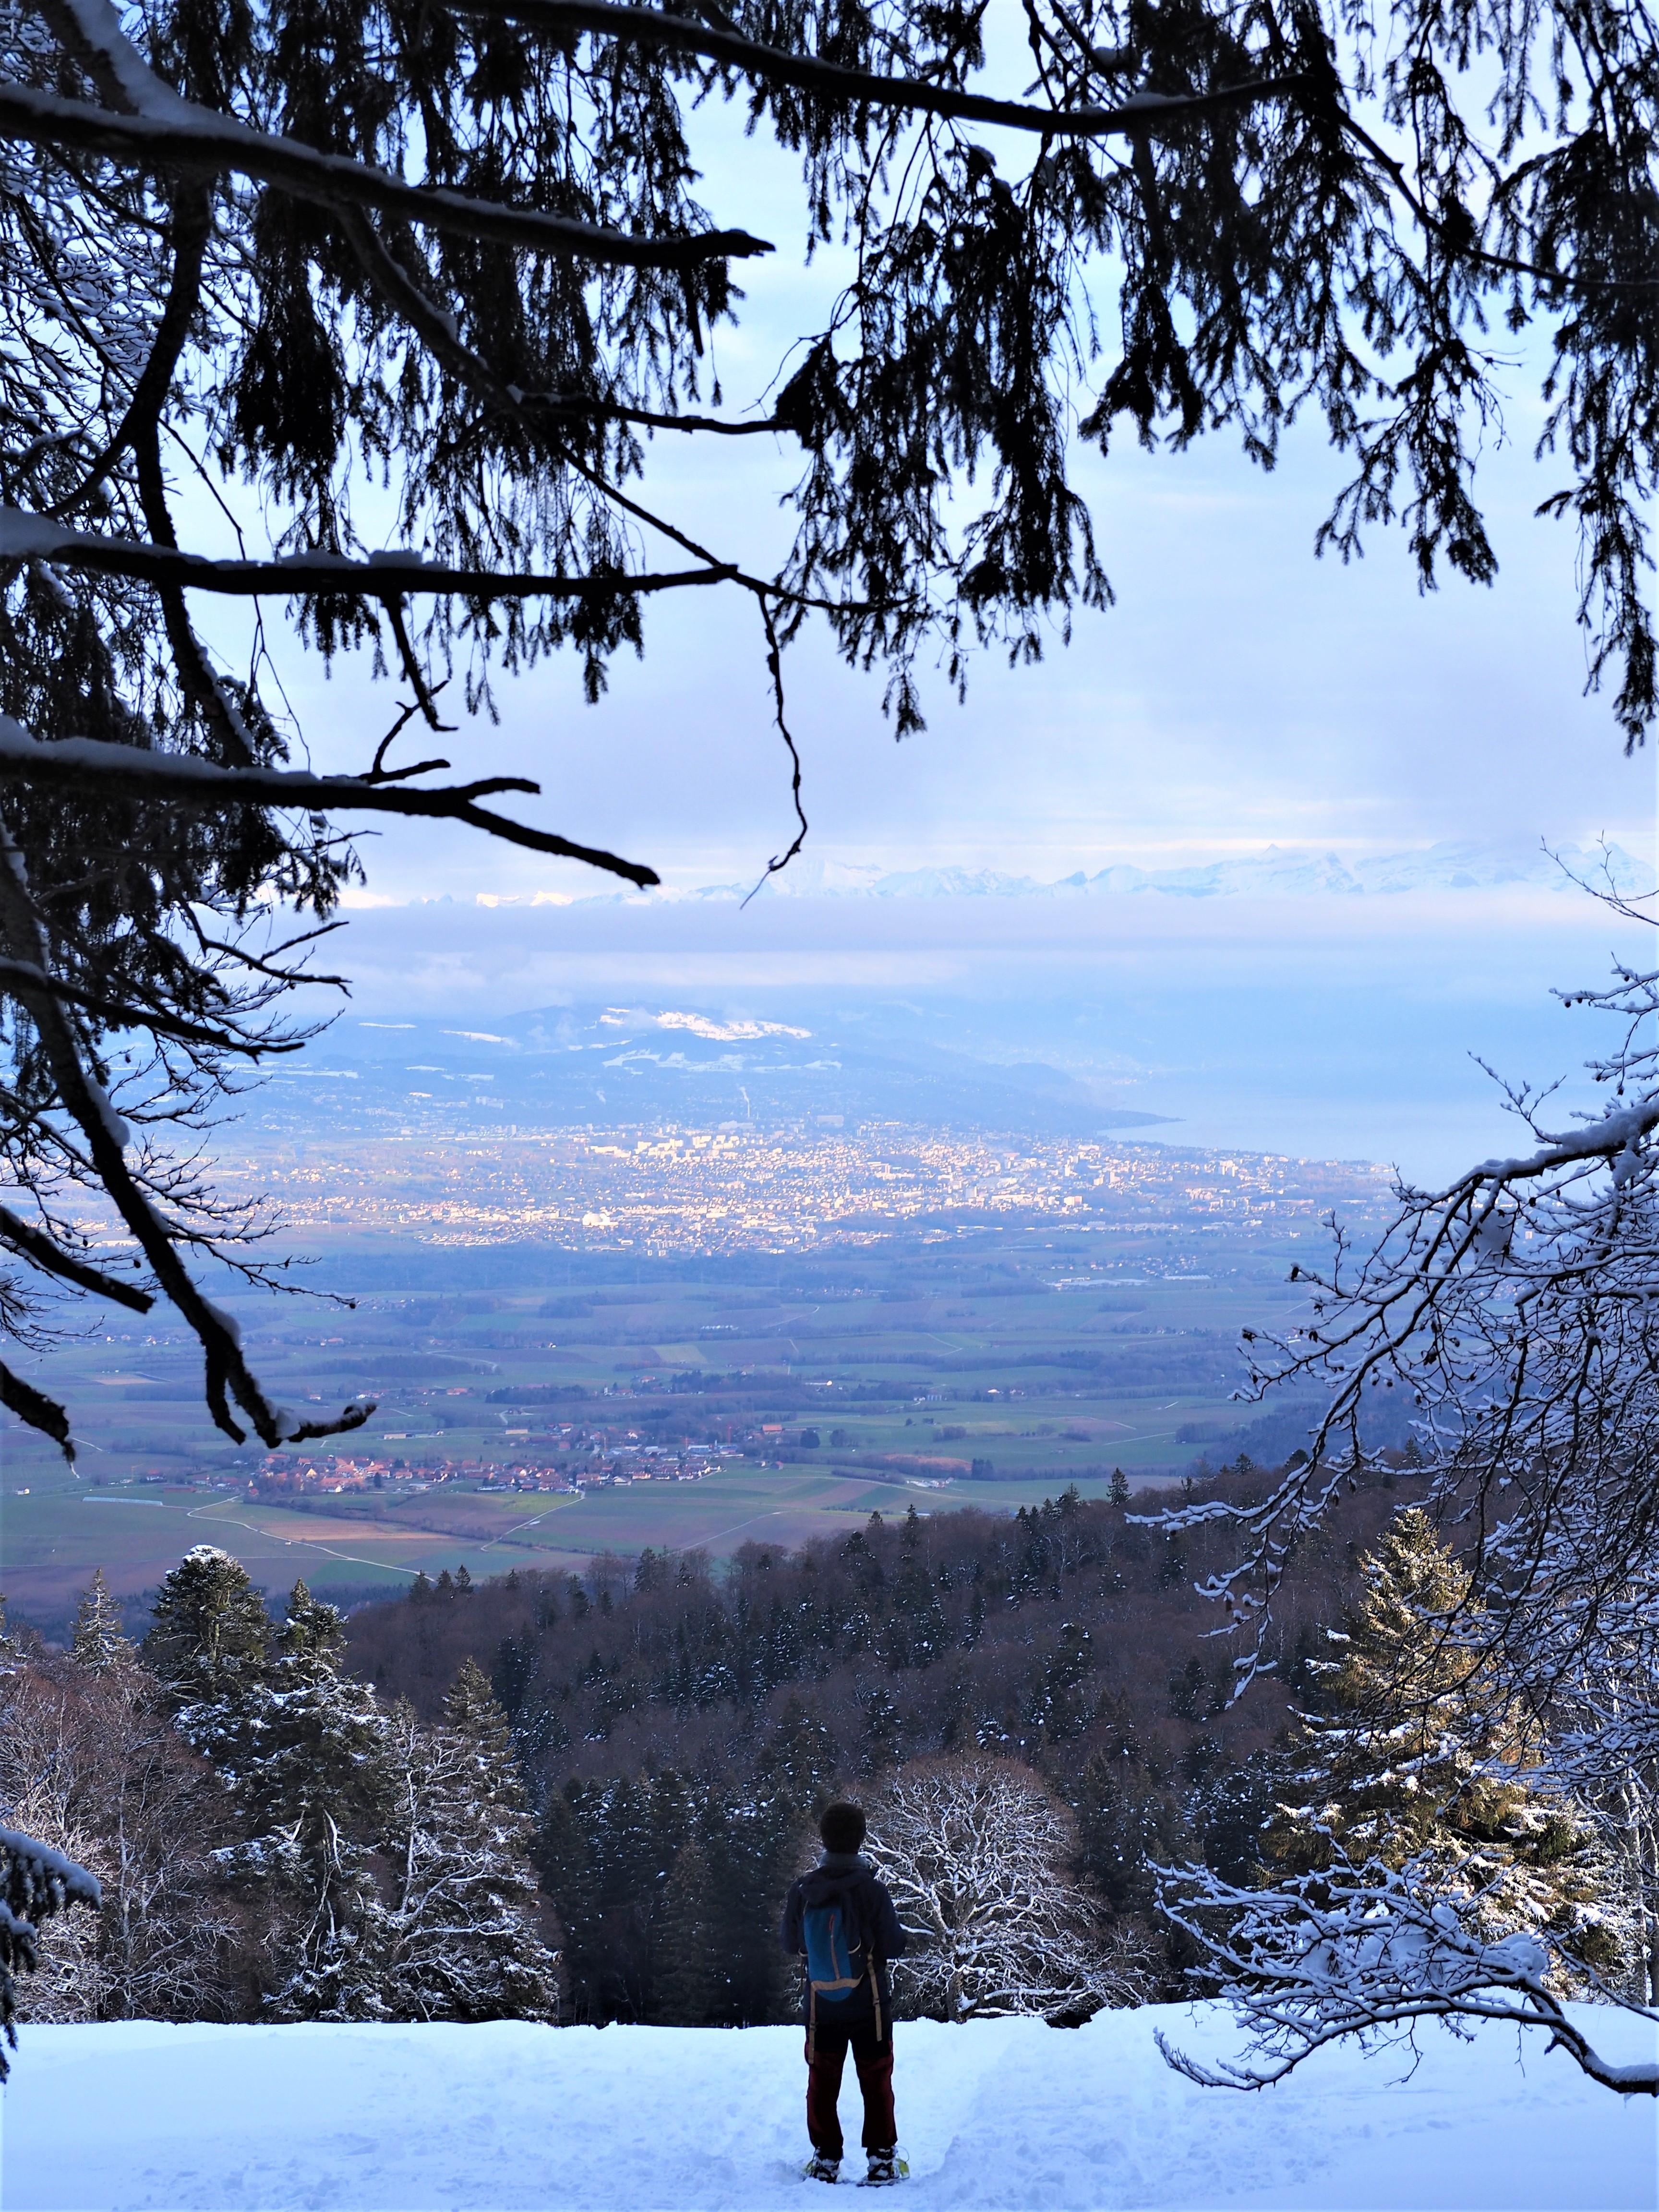 Suisse-Canton-de-Vaud-Jura-Mont-Tendre-randonnee-clioandco-blog-voyage-vue-sur-Lausanne